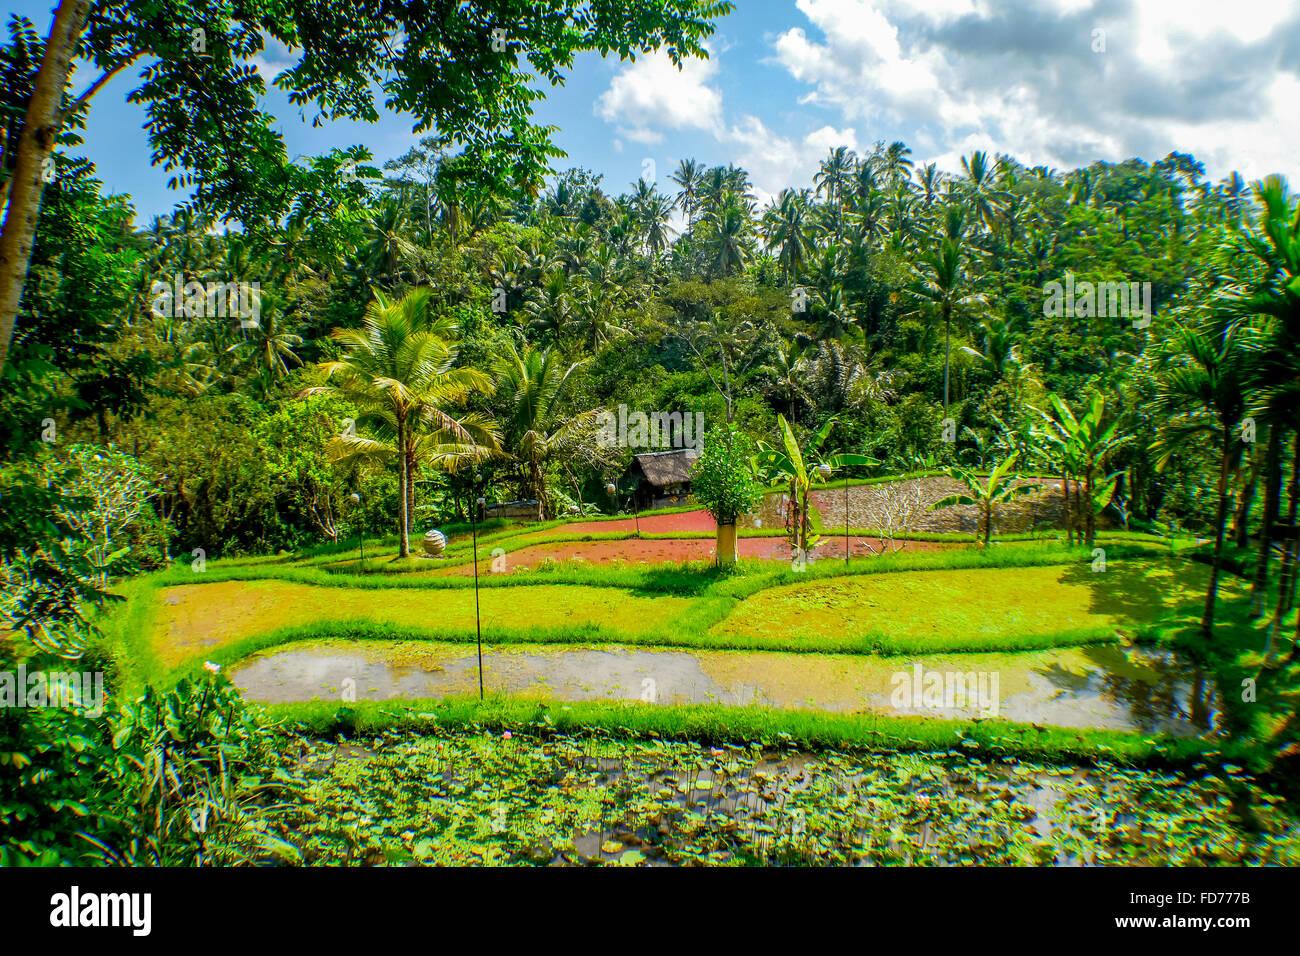 Rizières en terrasse avec des palmiers, de l'agriculture, paysage, Ubud, Bali, Indonésie, Asie Photo Stock